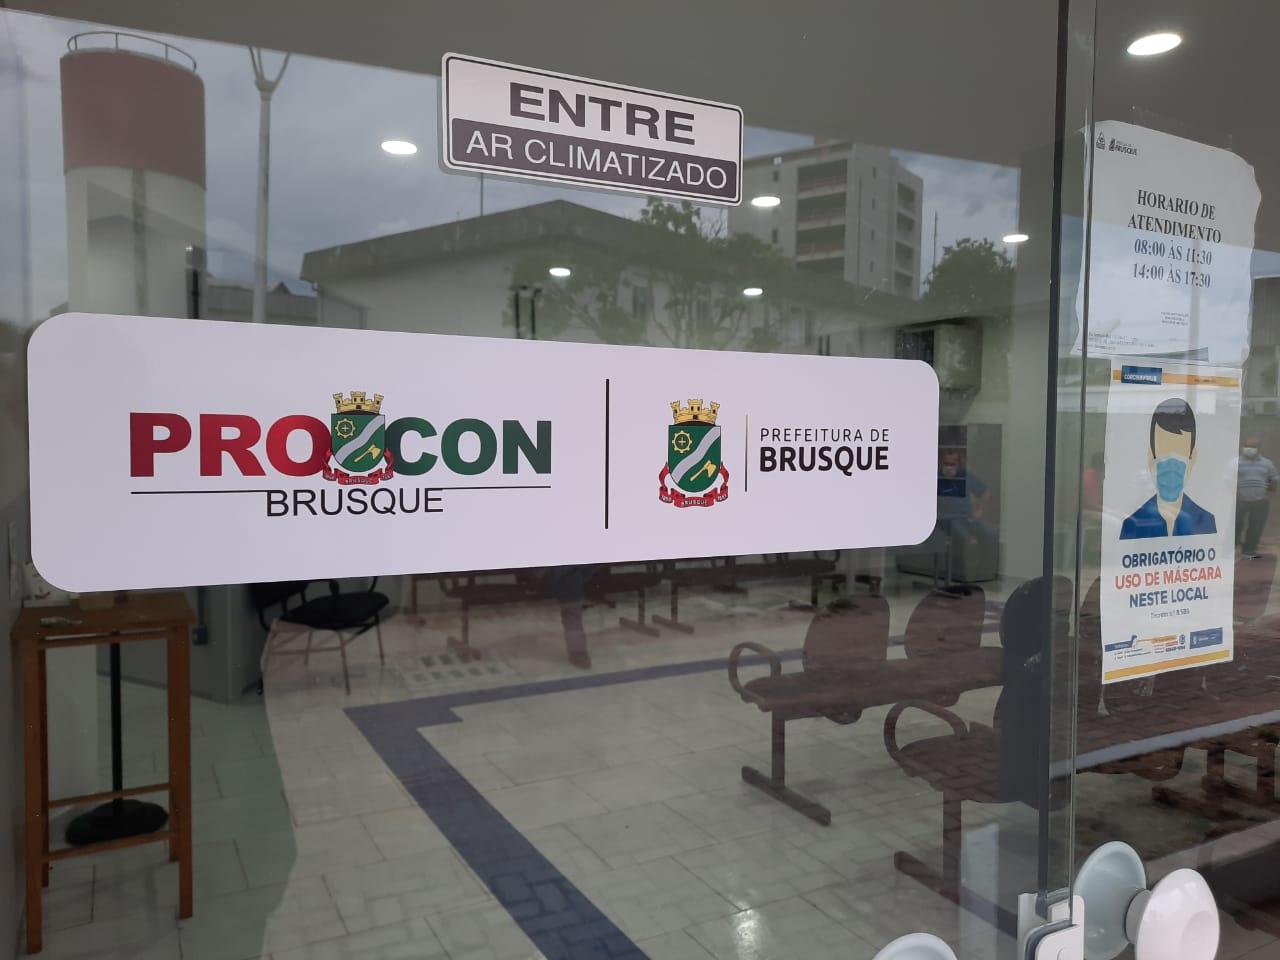 Atendimento presencial do Procon será suspenso por 14 dias